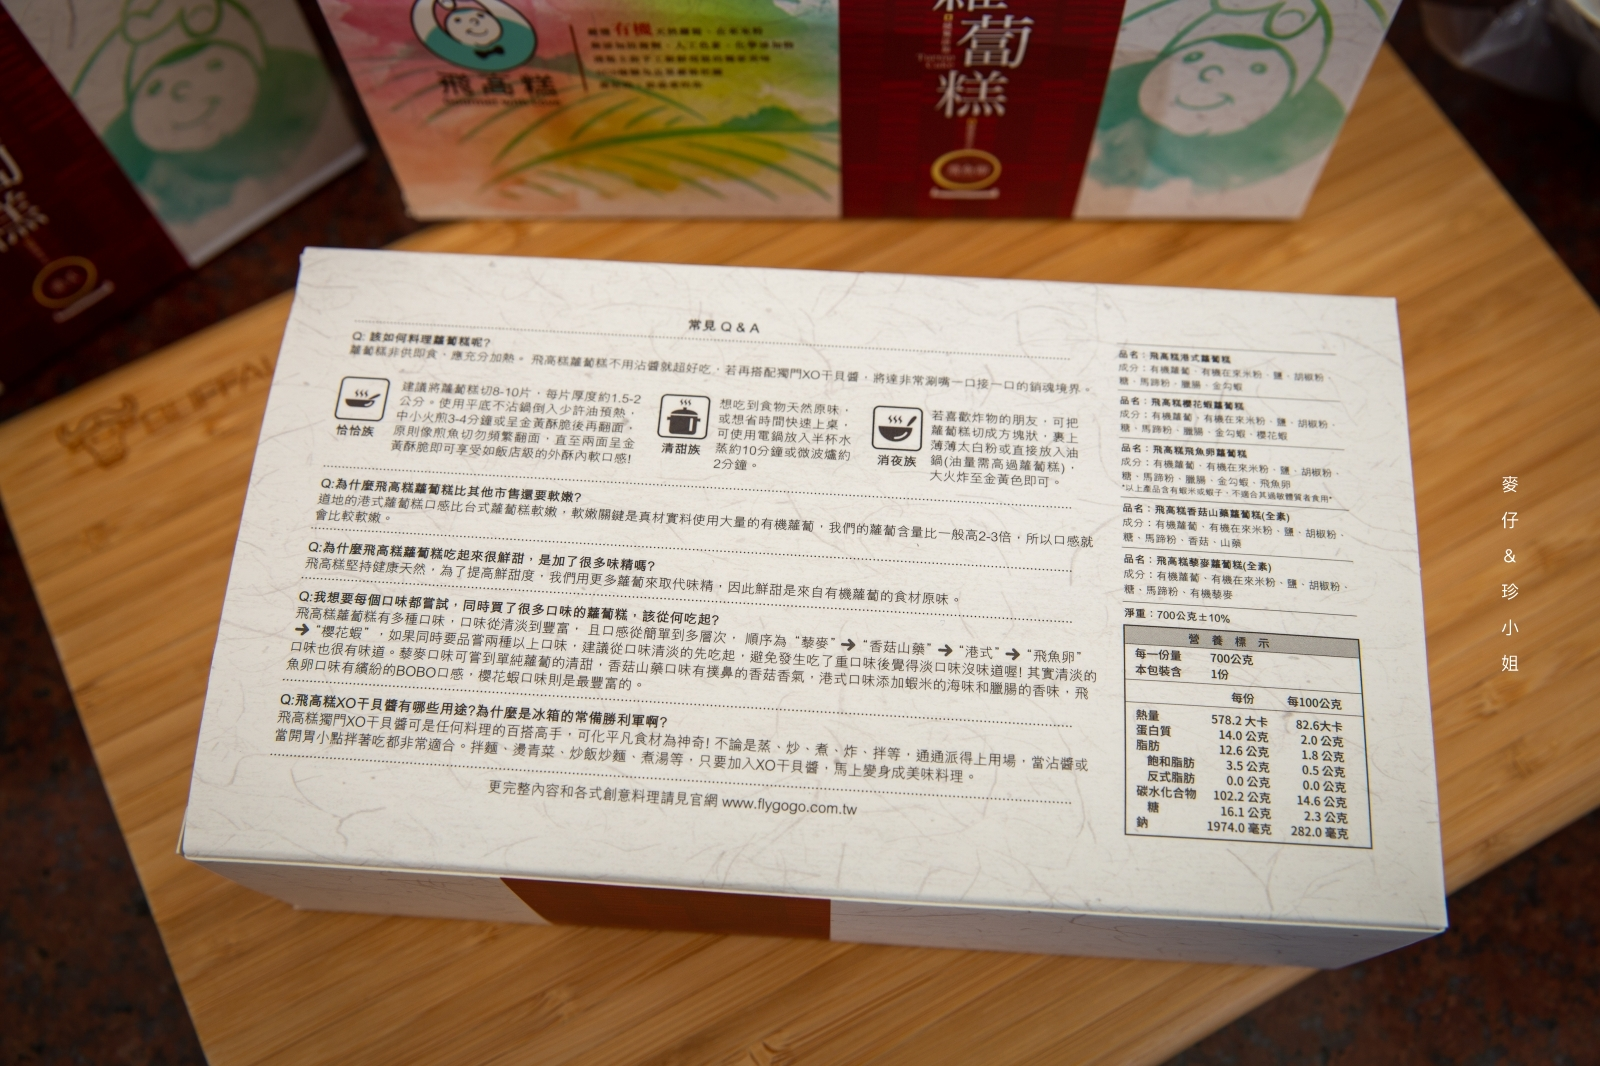 『飛高糕有機蘿蔔糕』網路團購超人氣五星級蘿蔔糕,無任何化學添加物吃得更安心|宅配美食推薦